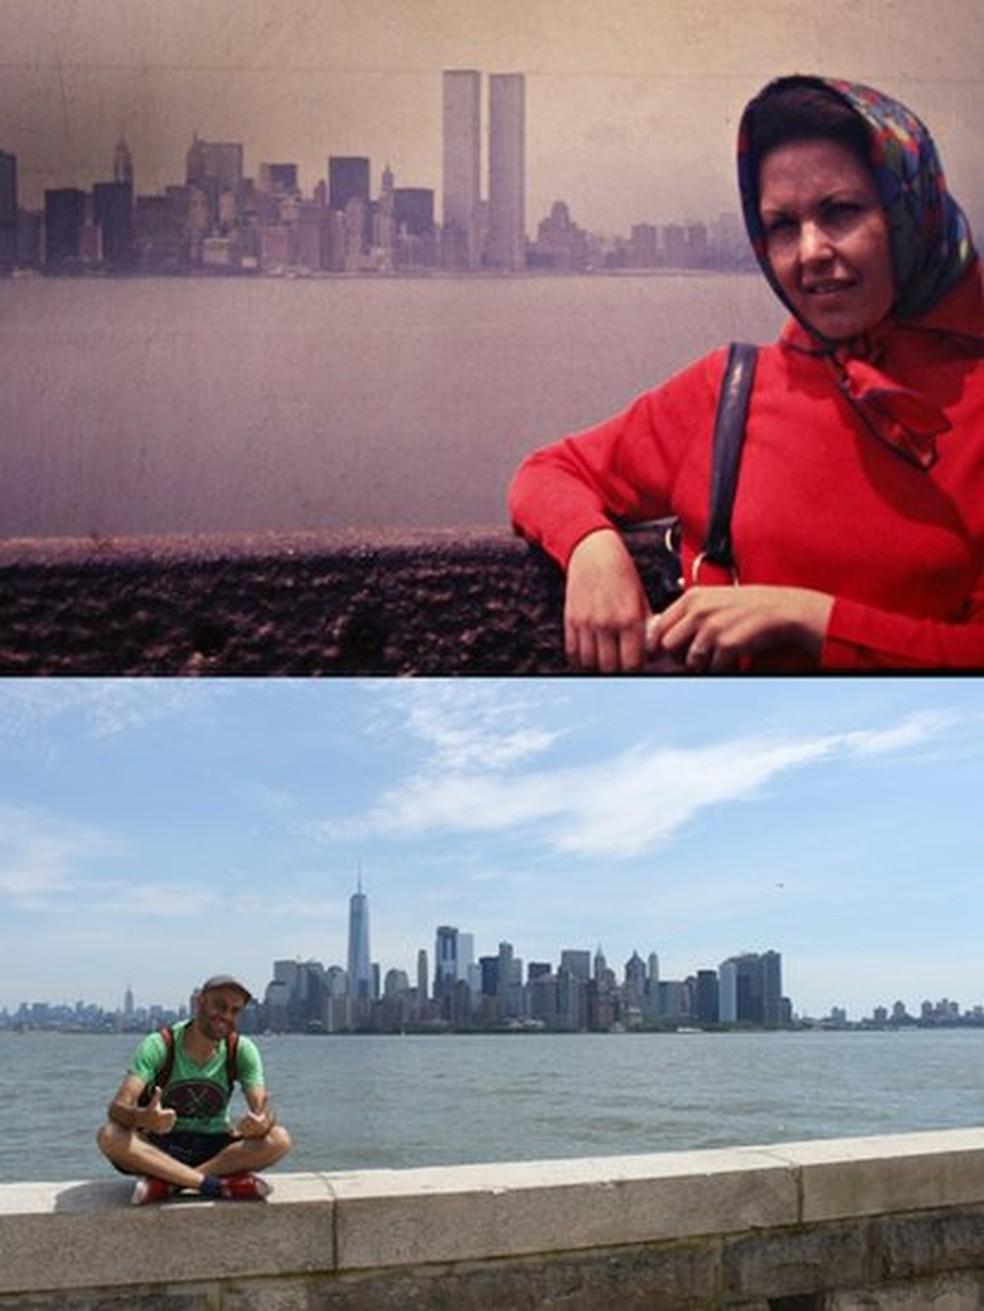 Nova York e seus visitantes em imagens com intervalo de quatro décadas: a da mulher, por volta de 1976, e a de Marcelo, em 2016 — Foto: BBC News Brasil